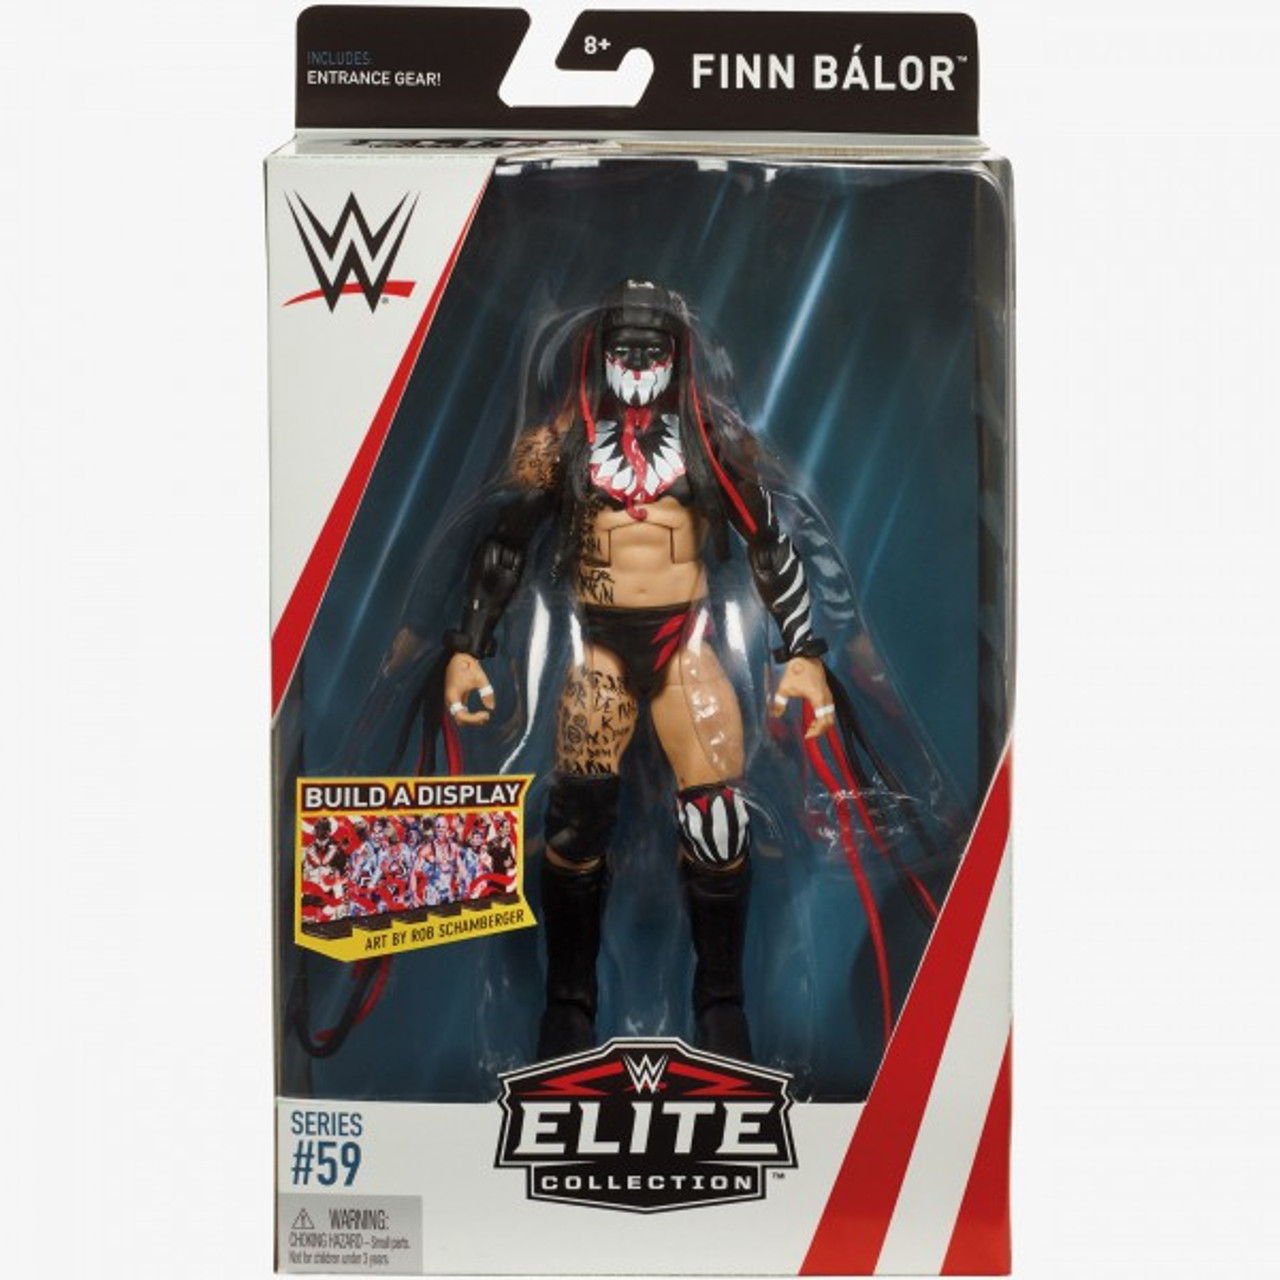 Wwe Elite Finn Balor Series 46